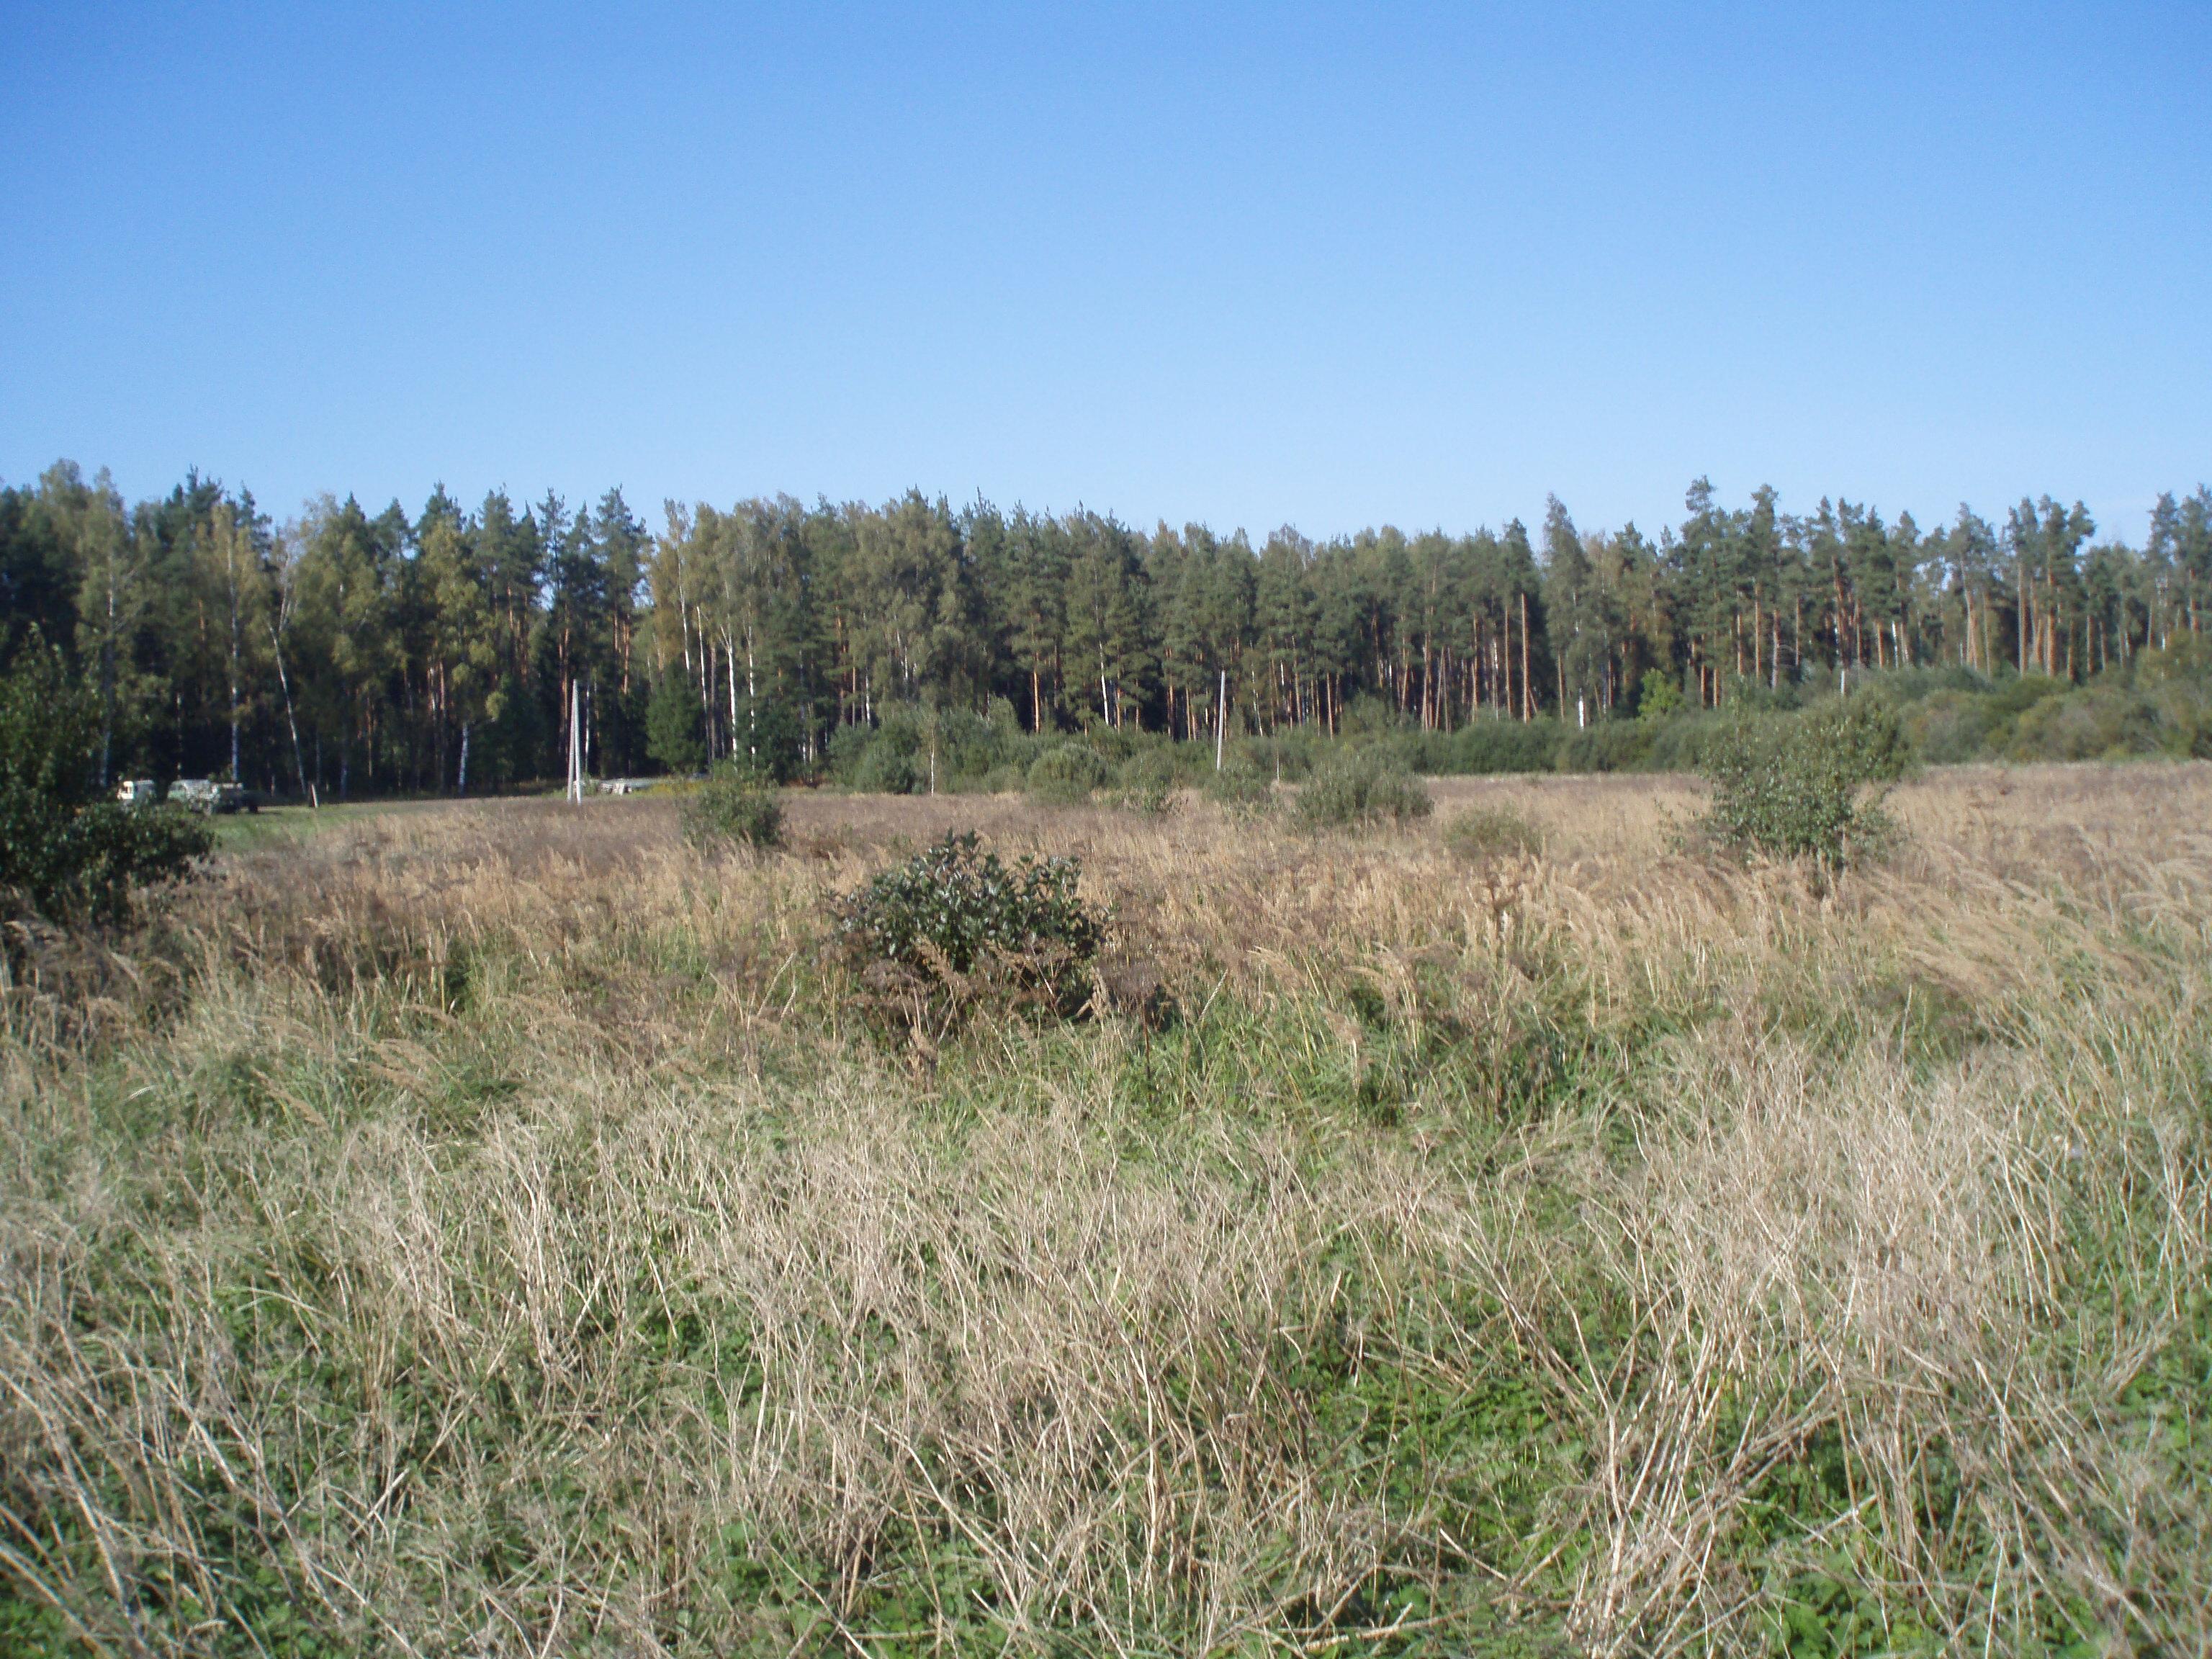 Vente terrain agricole katrinmuiza dobele district lettonie a7 for Construction terrain agricole